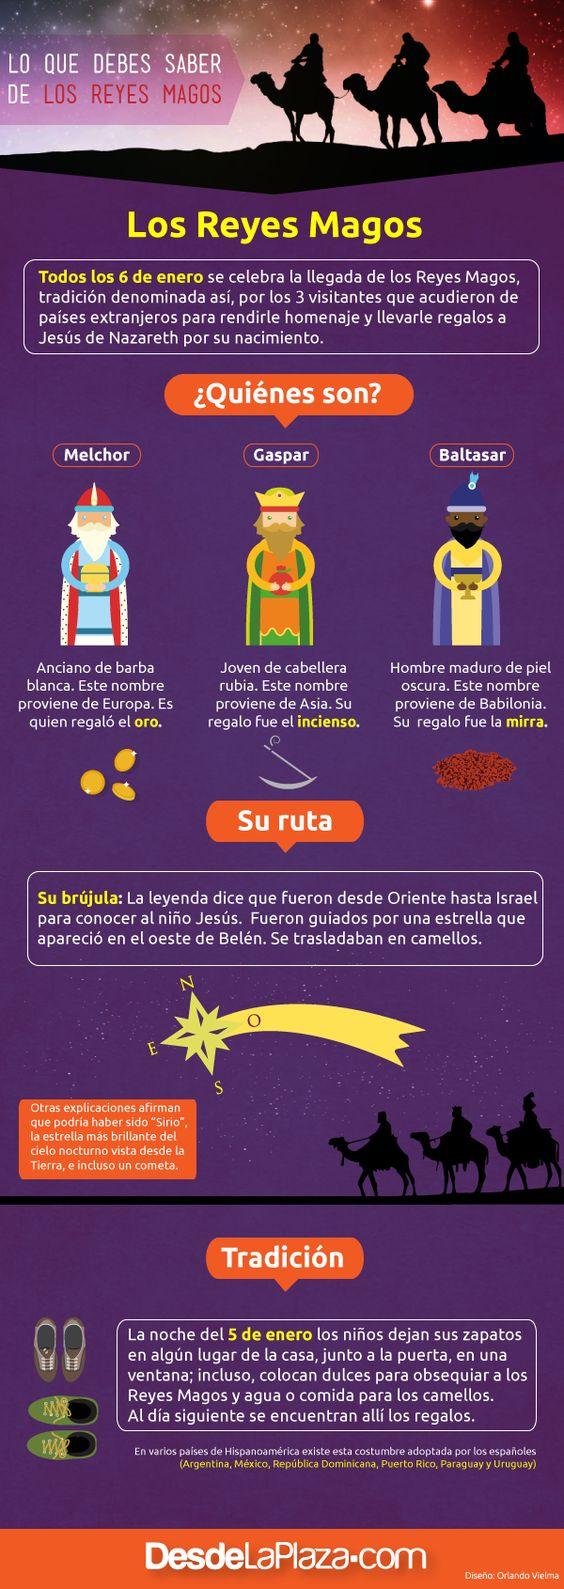 ¿Conoces la historia de los Reyes Magos? Aquí te mostramos lo que debes saber: